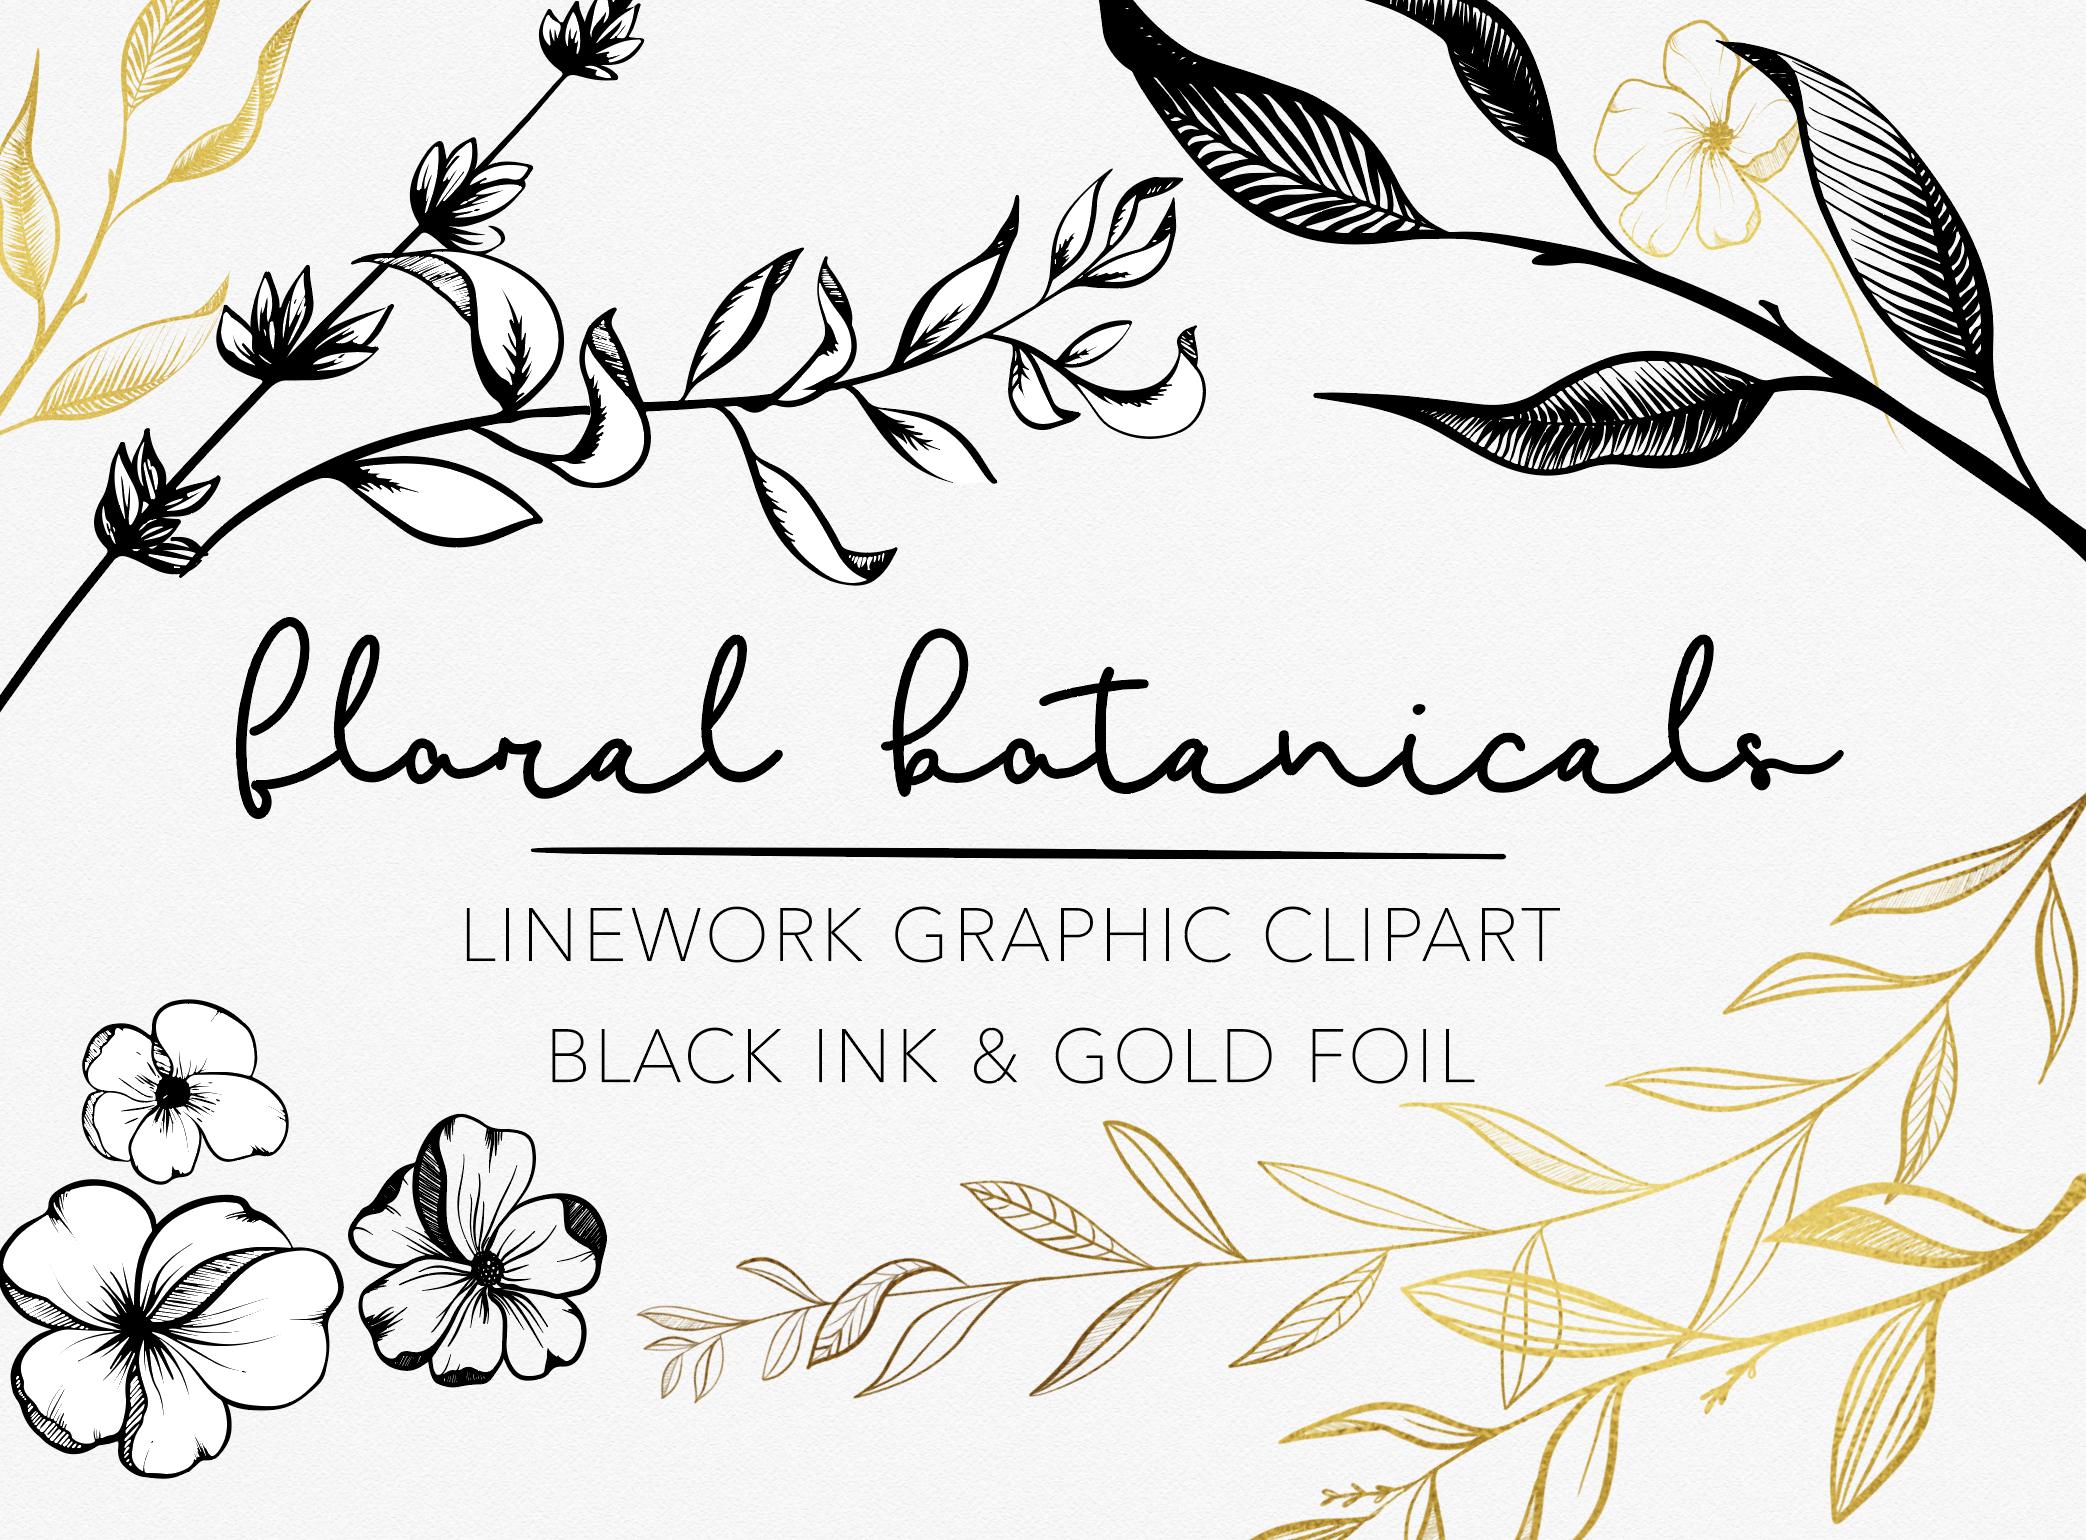 Black Ink and Gold Foil Botanical Floral Linework Graphics.